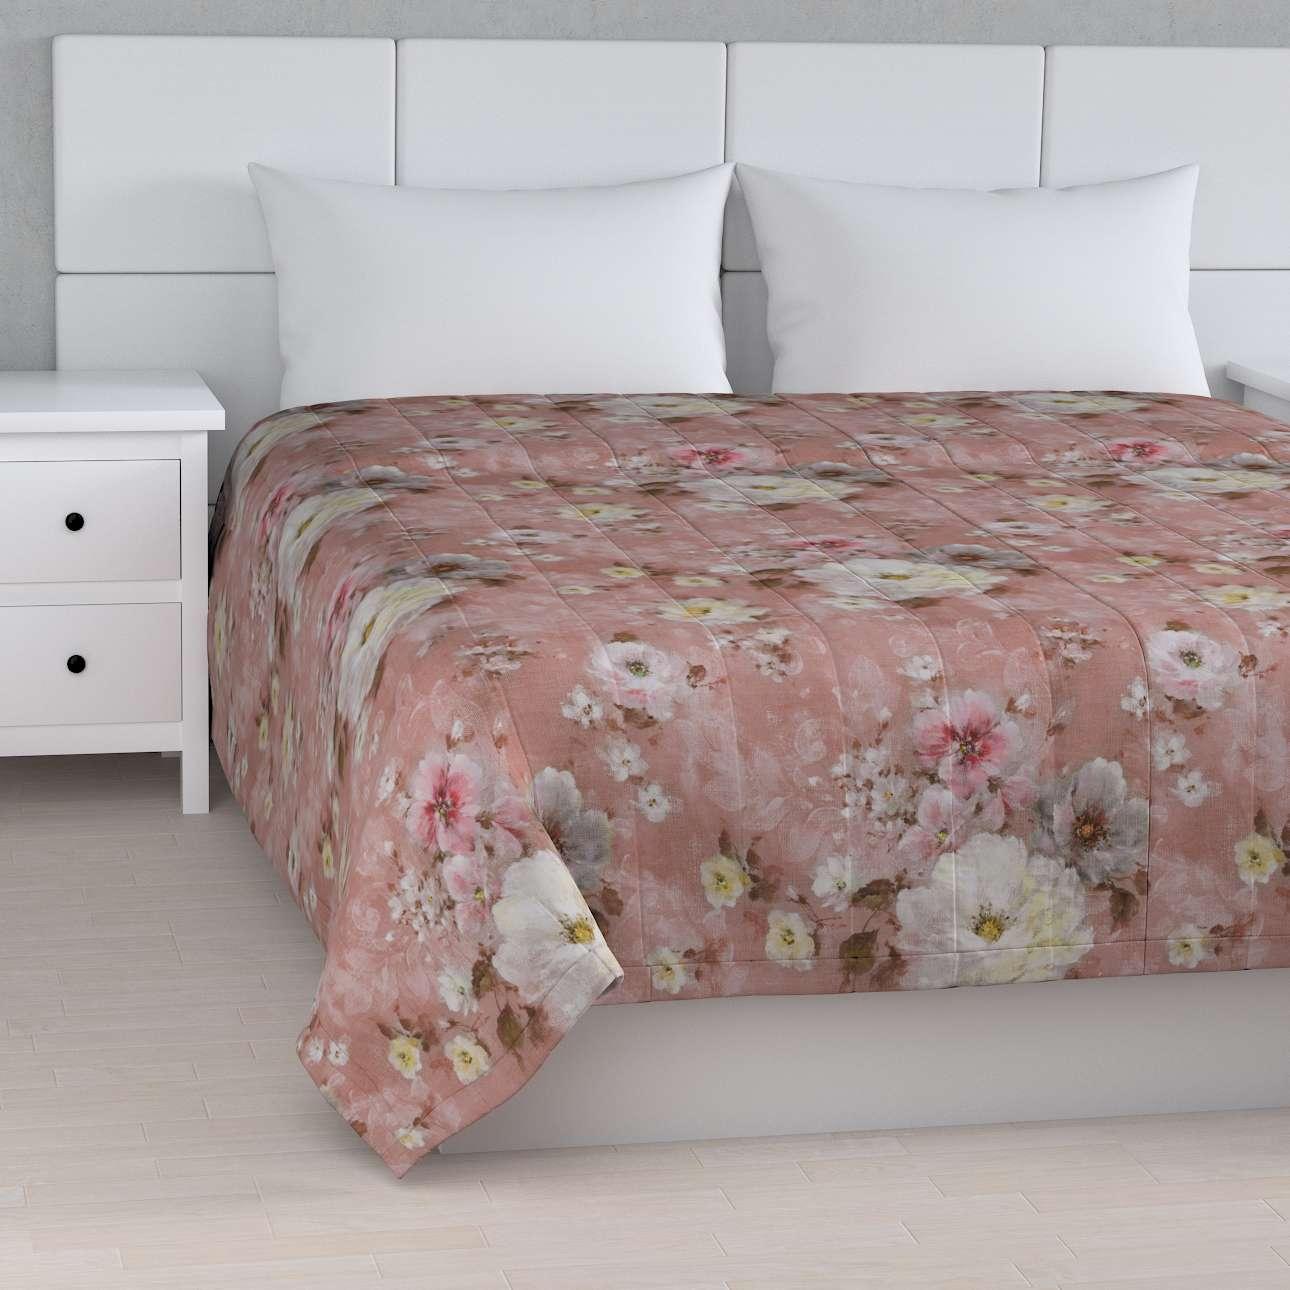 Cuvertura matlasata cu model în colecție Monet, țesătură: 137-83